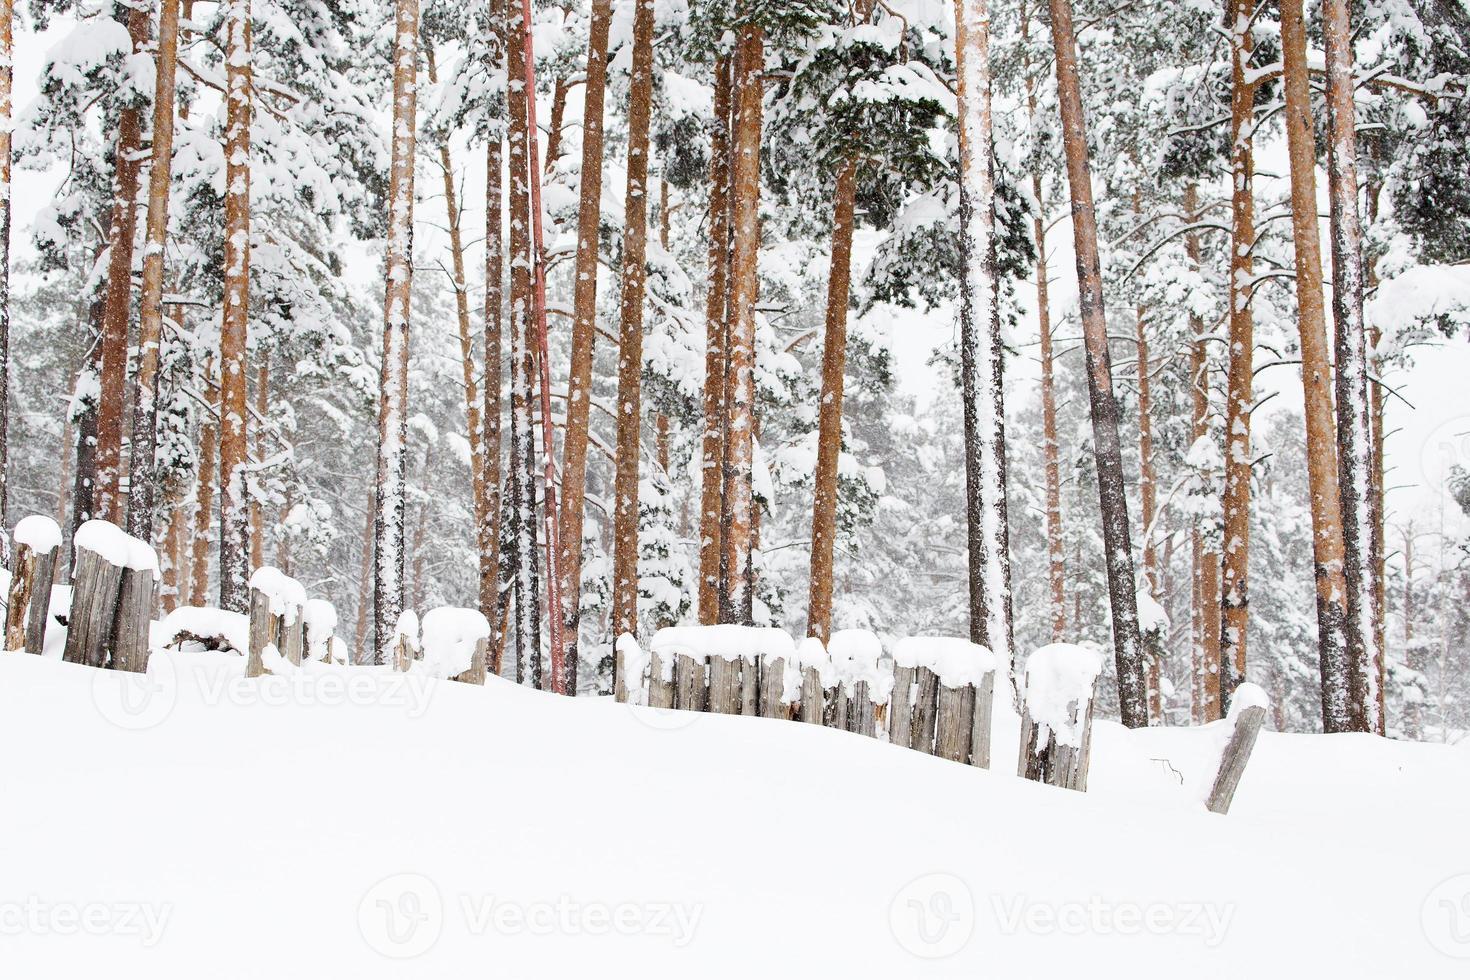 forêt d'hiver russe dans la neige photo